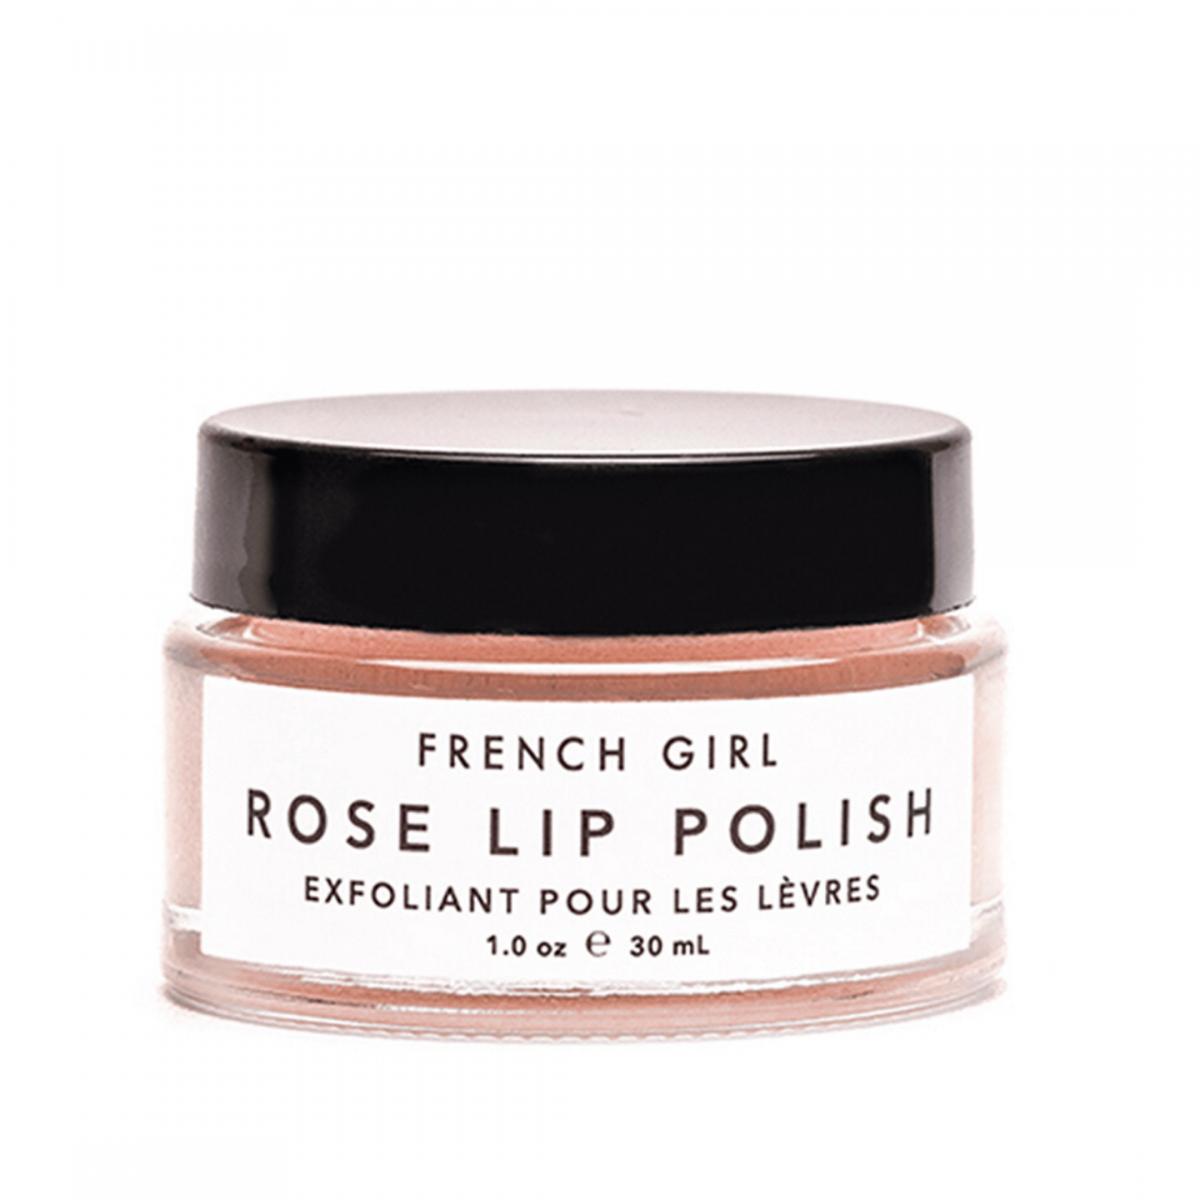 French Girl Rose Lip Polish Ireland